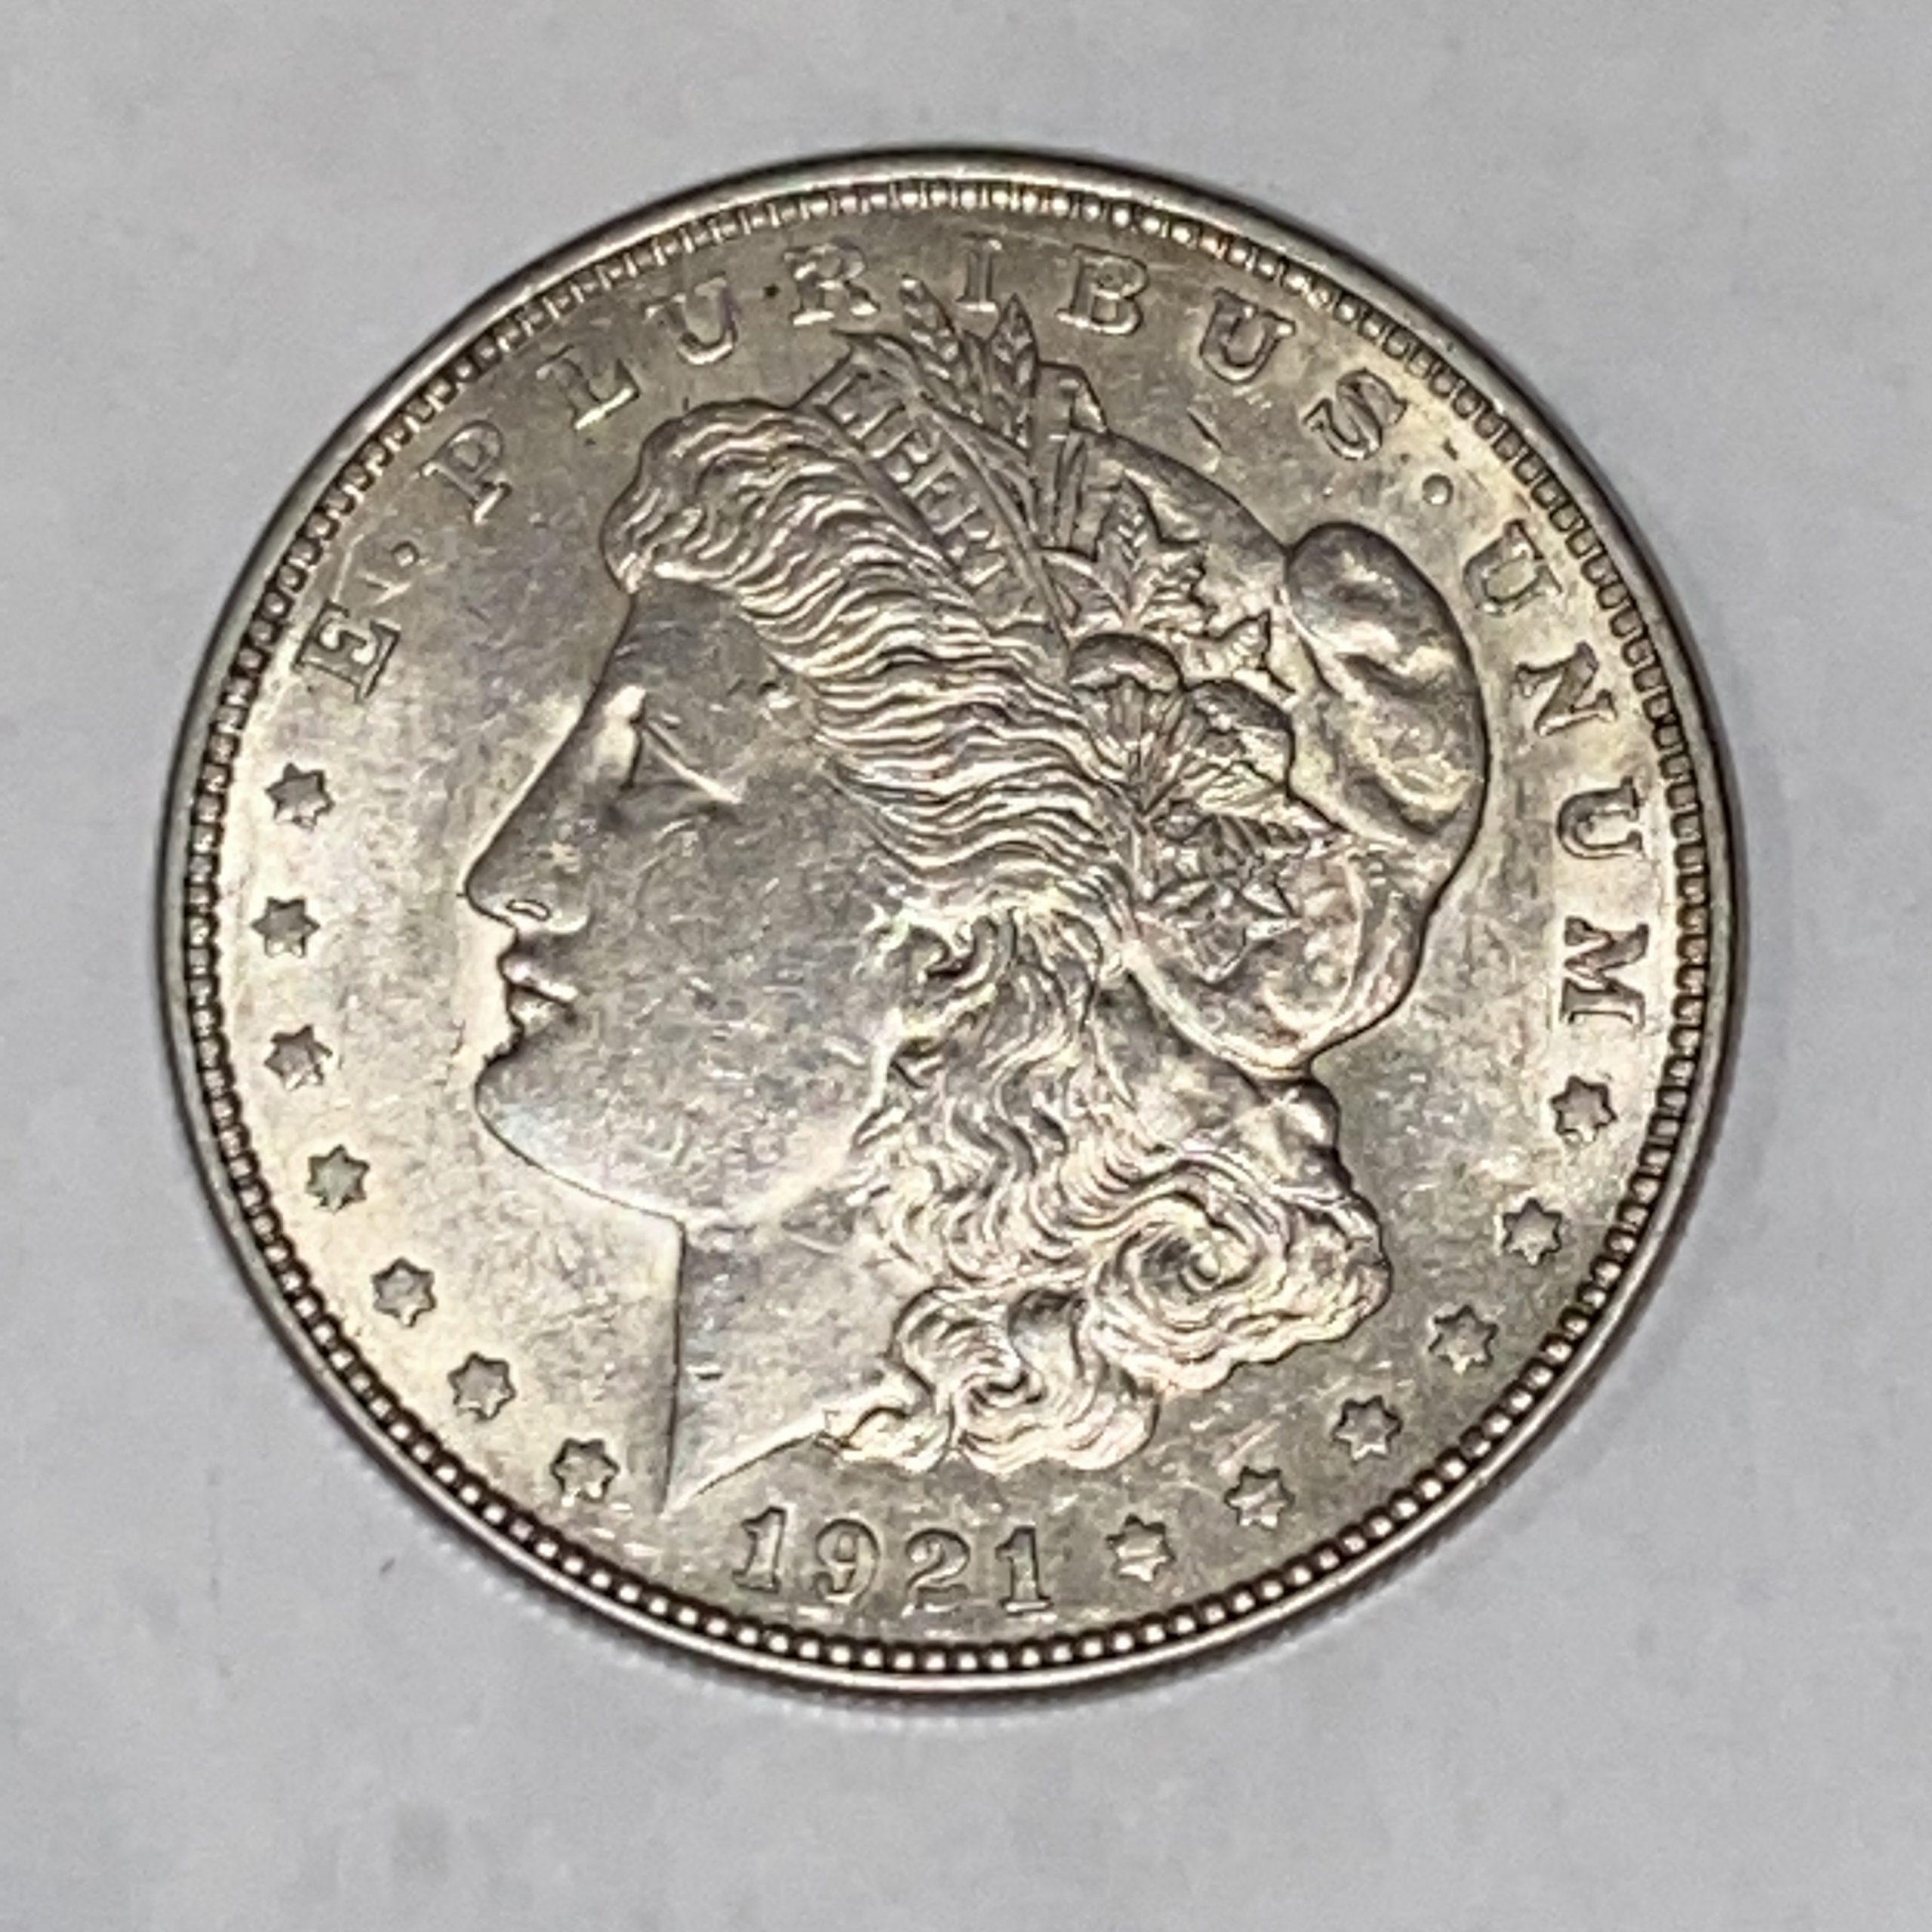 【外国銭/外国銀貨】1ドル モルガンダラー アメリカ 1921年